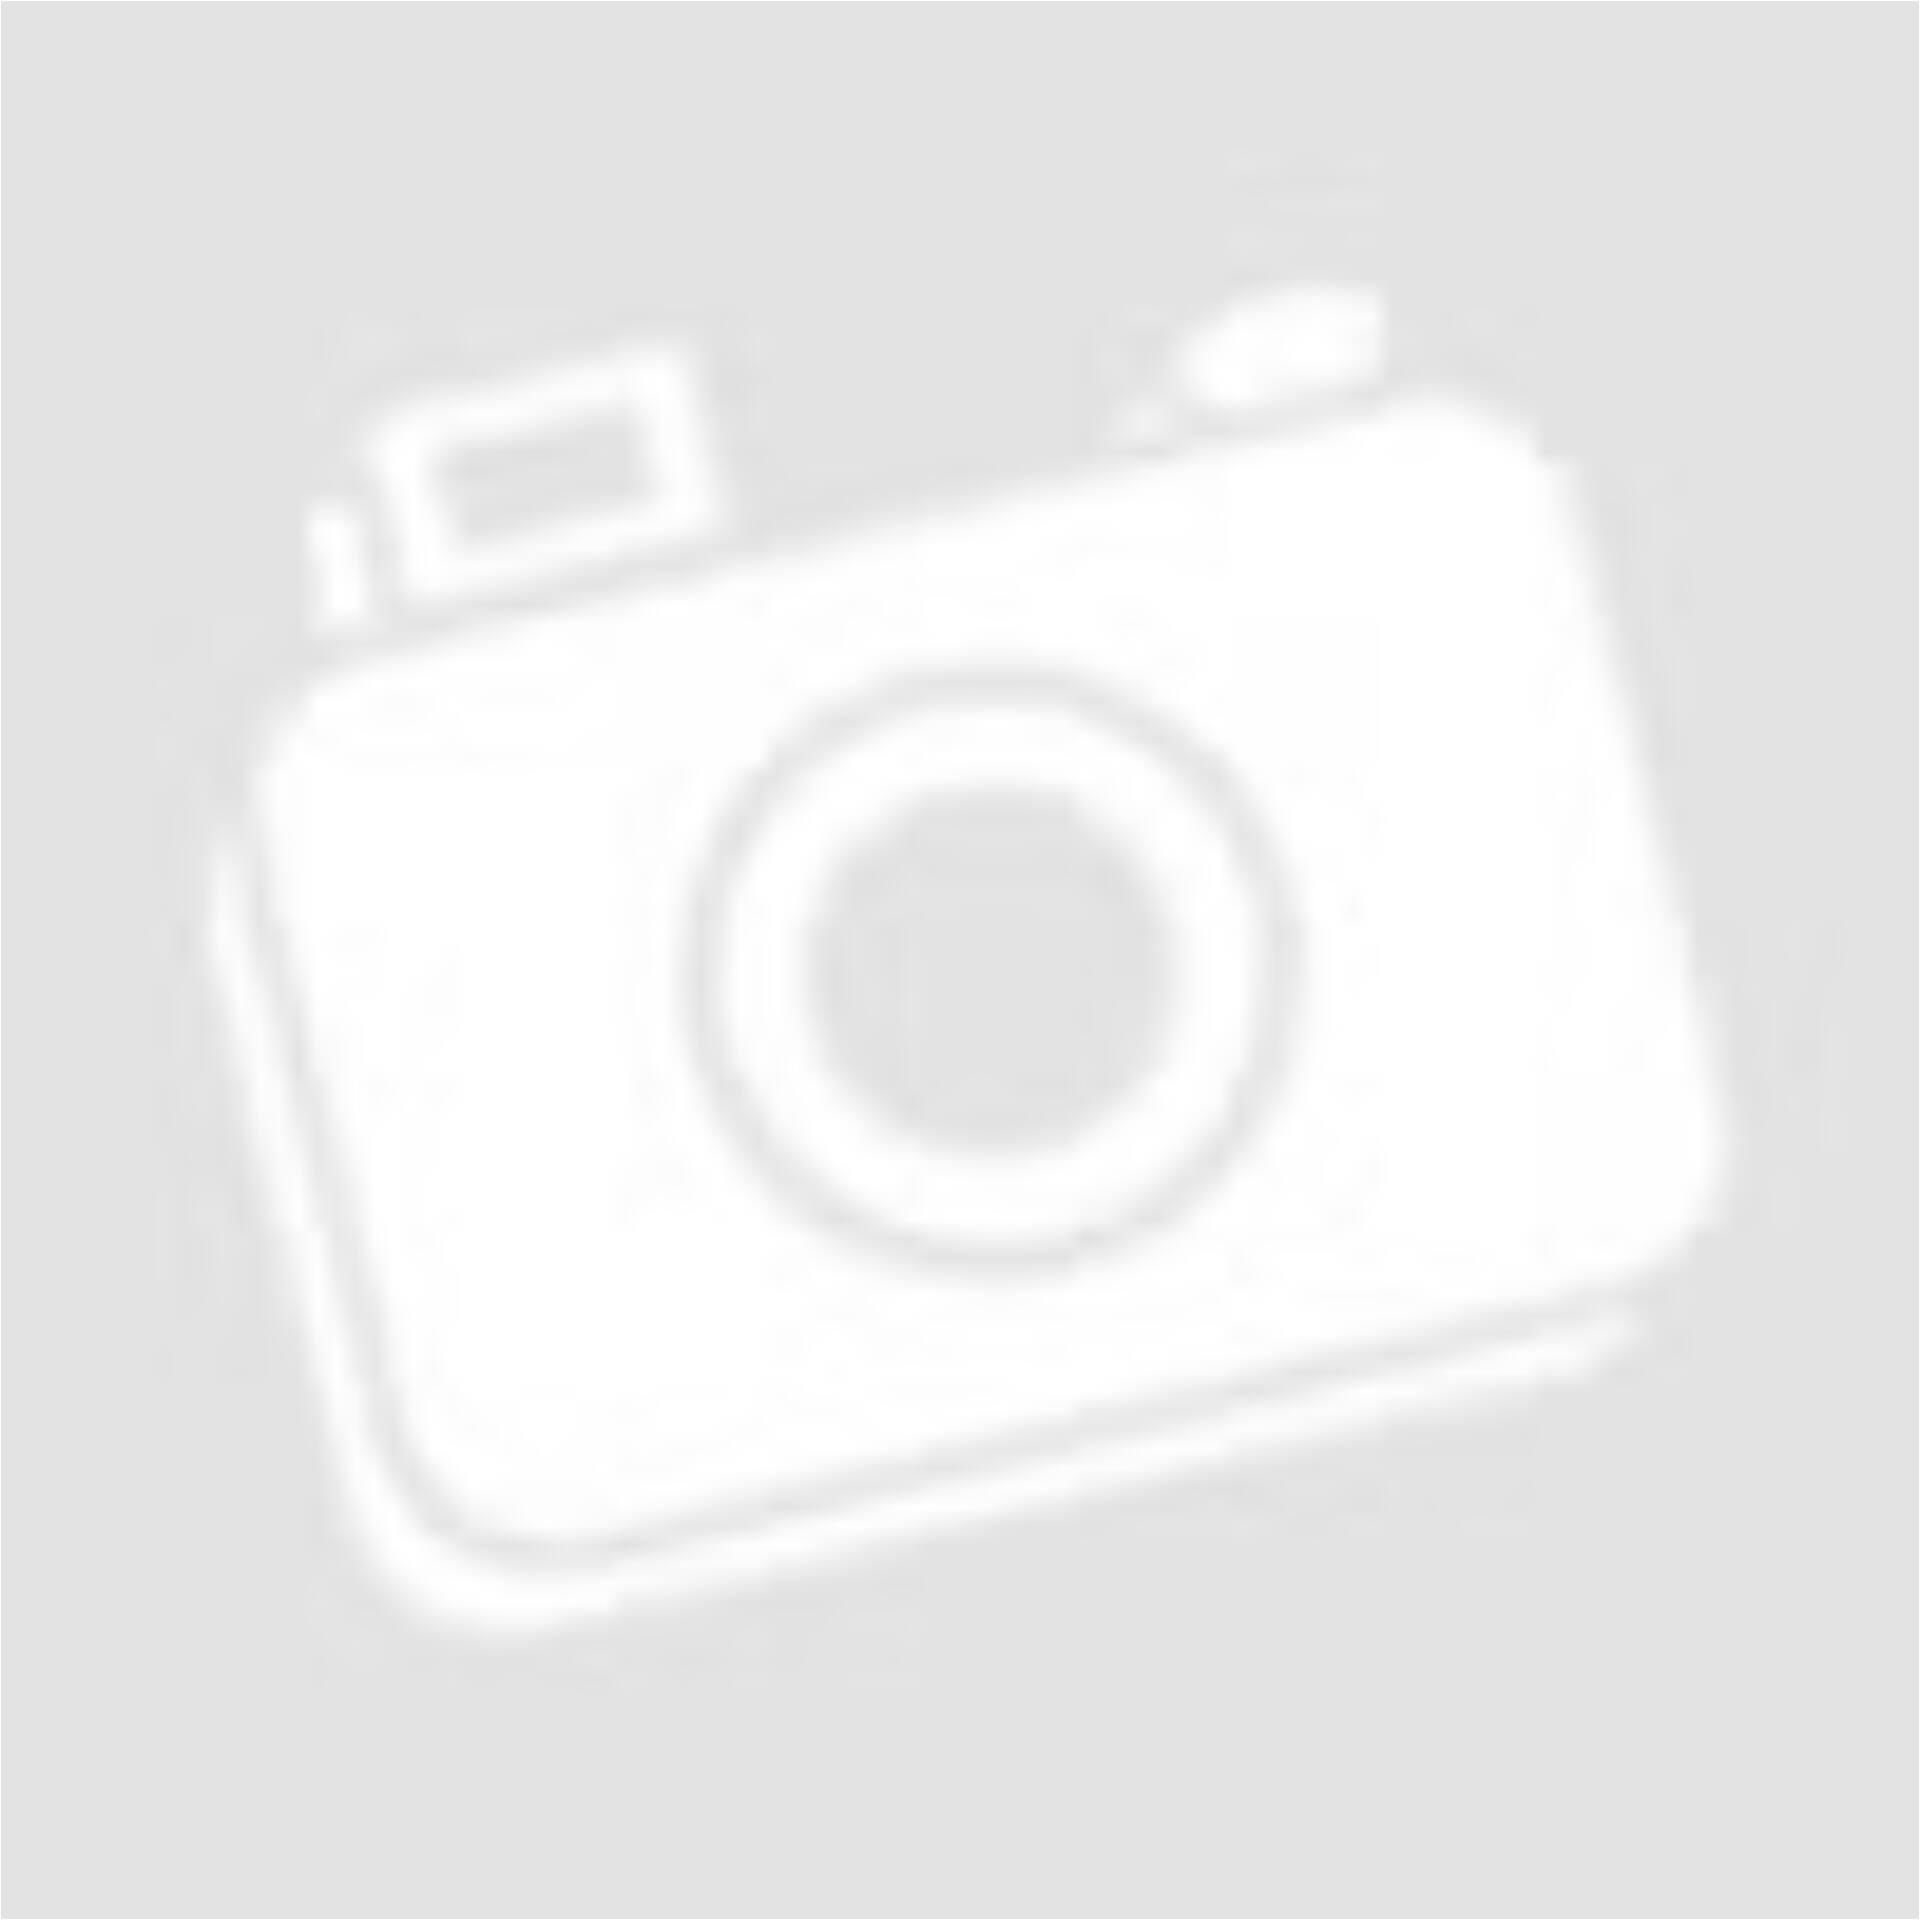 e3bc4b31af Zöld színű kötött pulcsi (Méret: L) - Női pulóver, kardigán, boleró ...